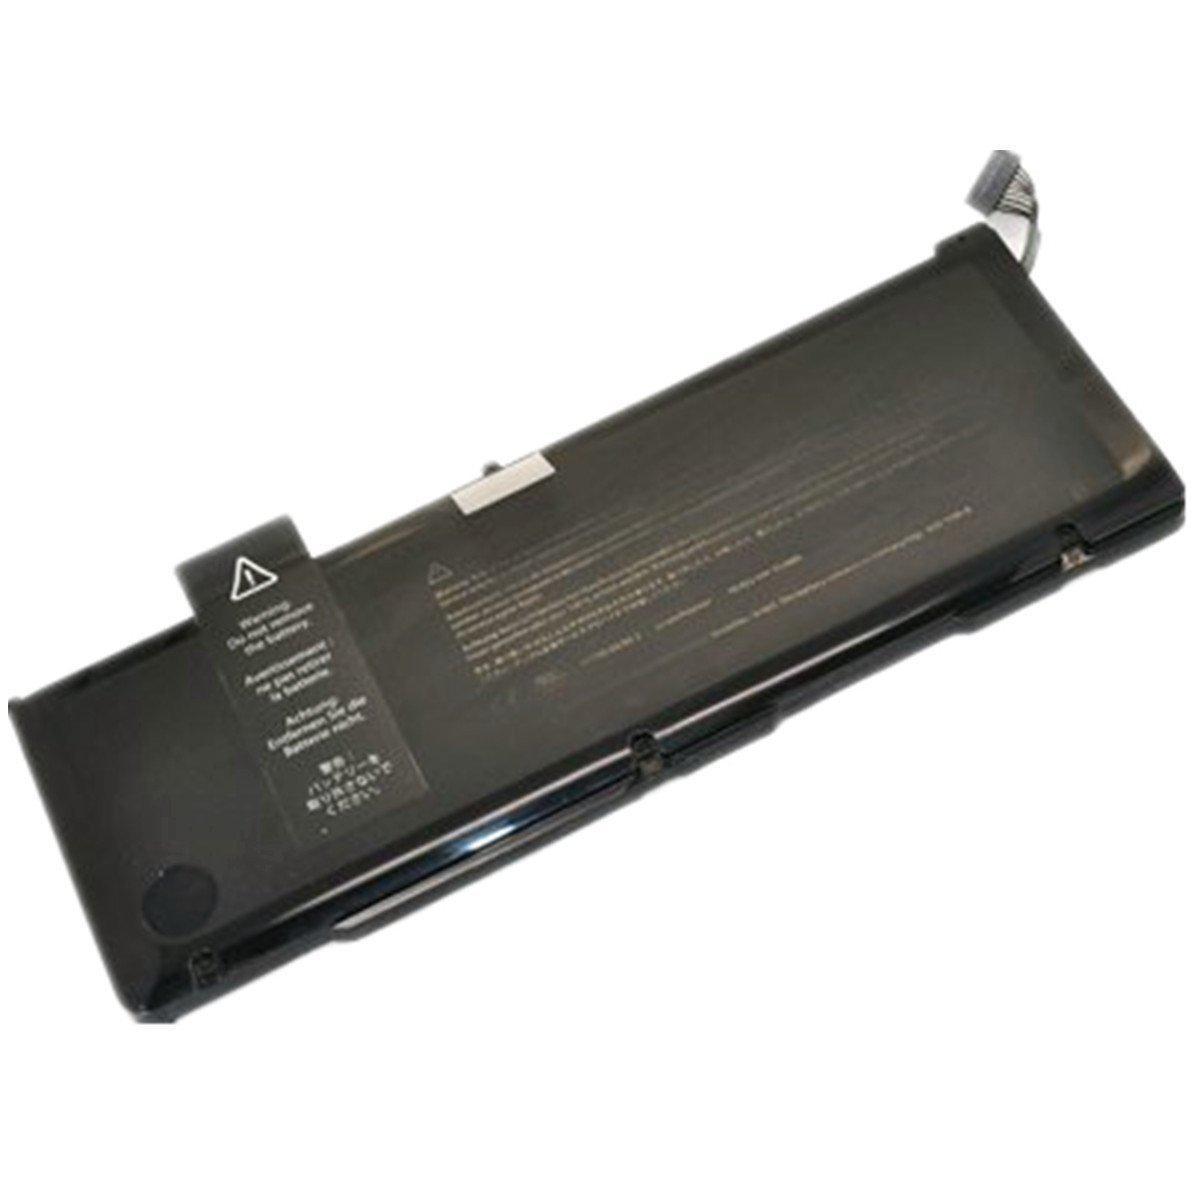 Батарея для ноутбука Apple A1383,  Apple MacBook Pro 17 inch A1383 A12